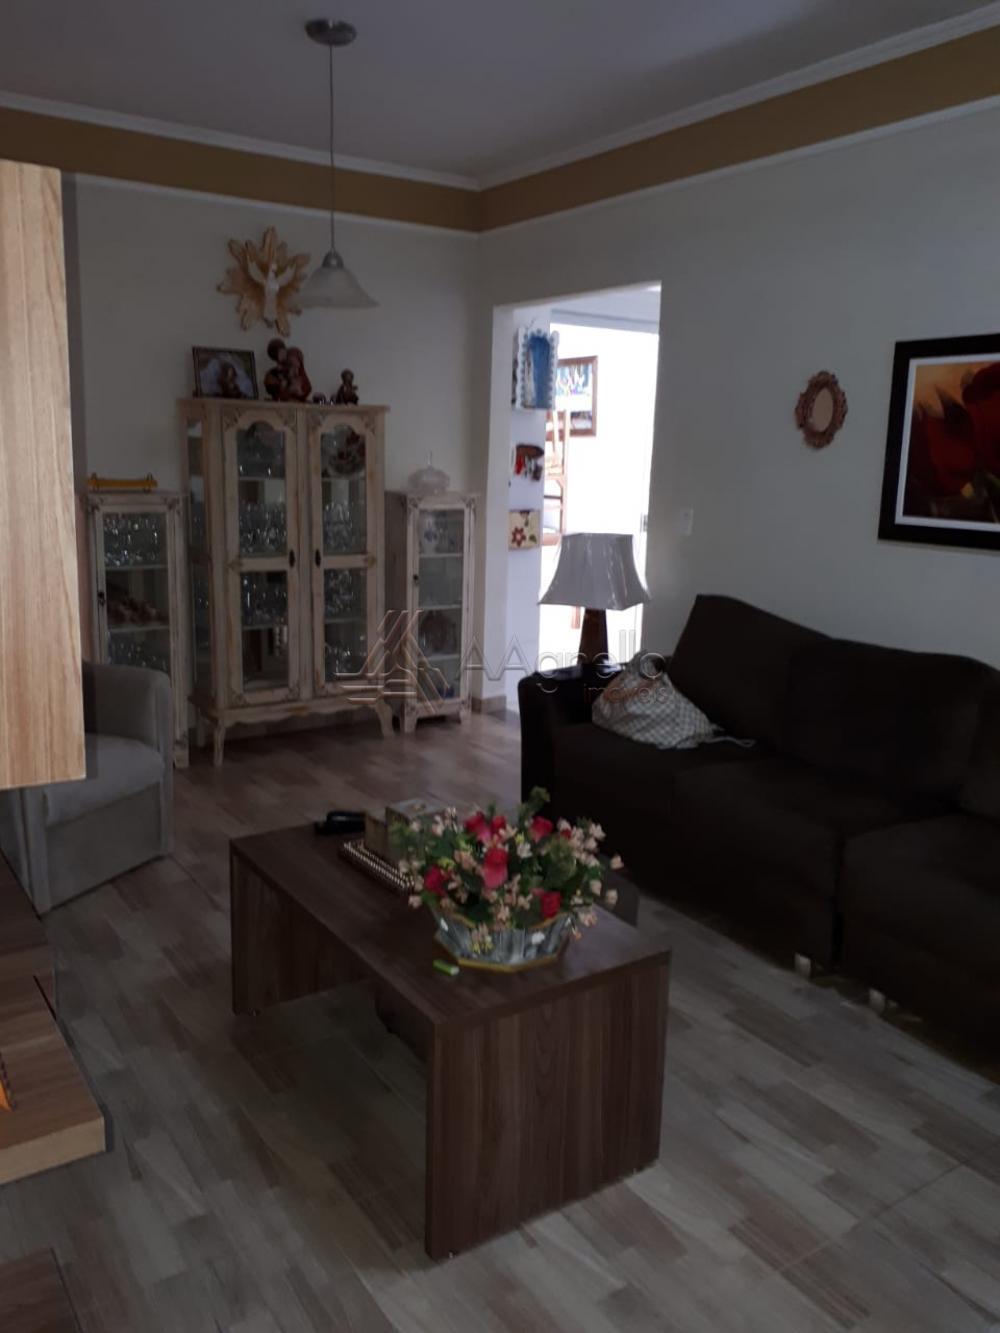 Comprar Casa / Padrão em Franca apenas R$ 280.000,00 - Foto 11